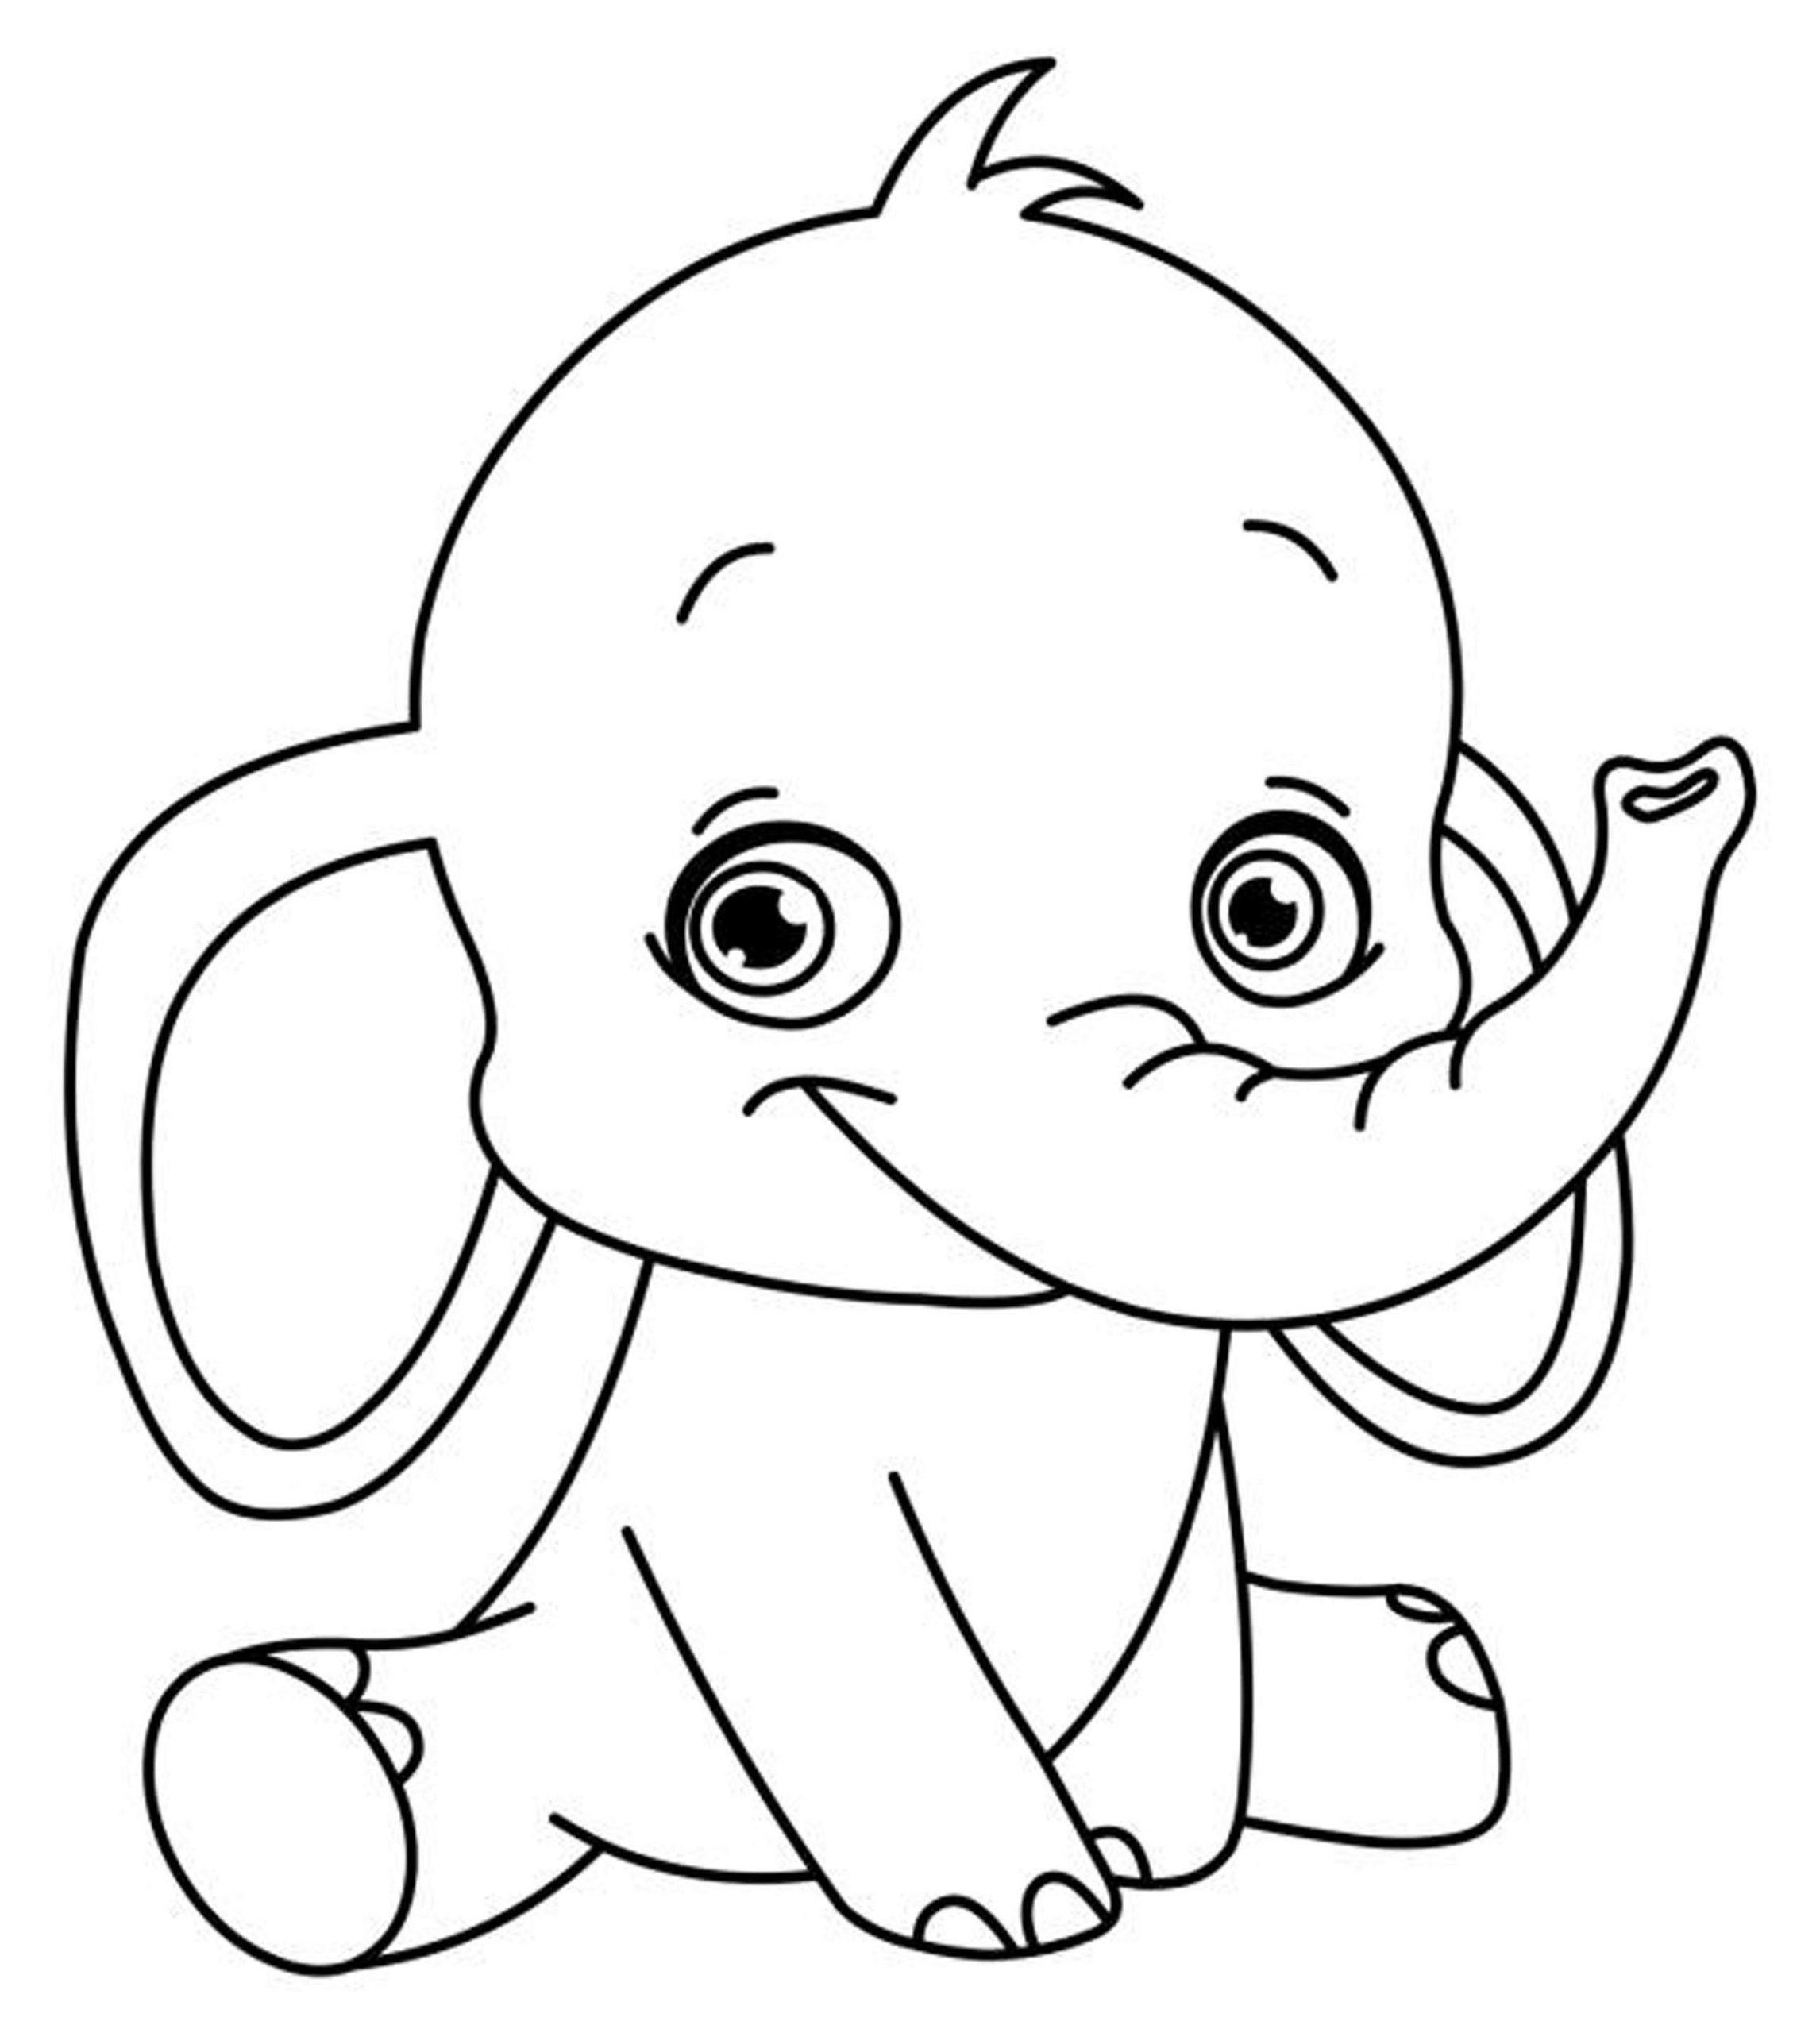 Tranh tô màu voi chibi xinh đẹp